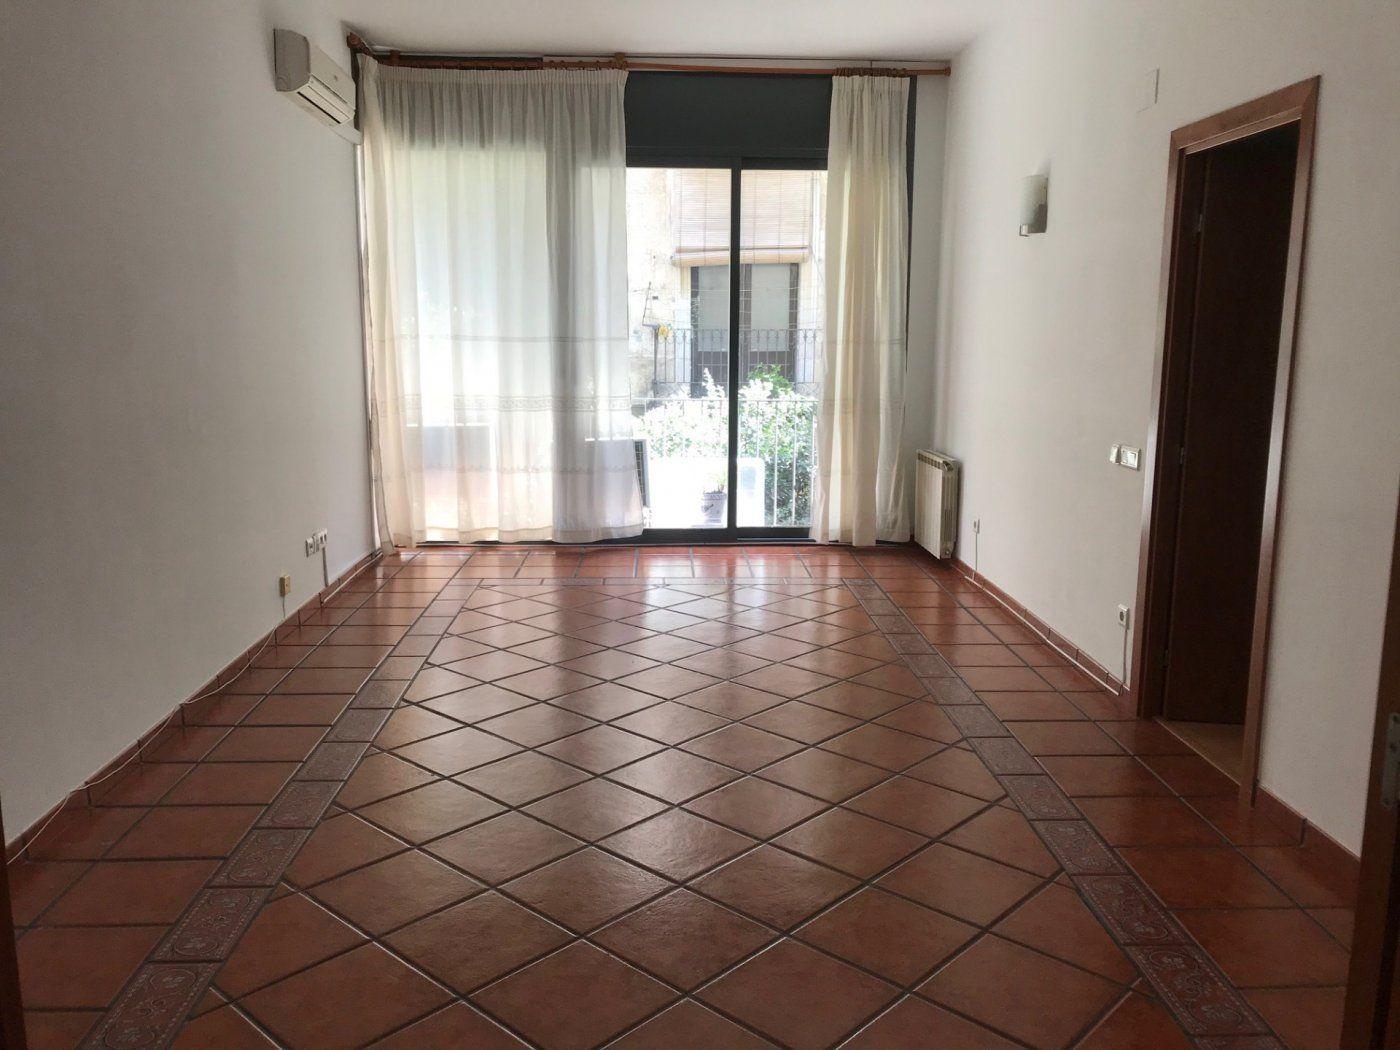 (Español) Estupendo piso de tres habitaciones.